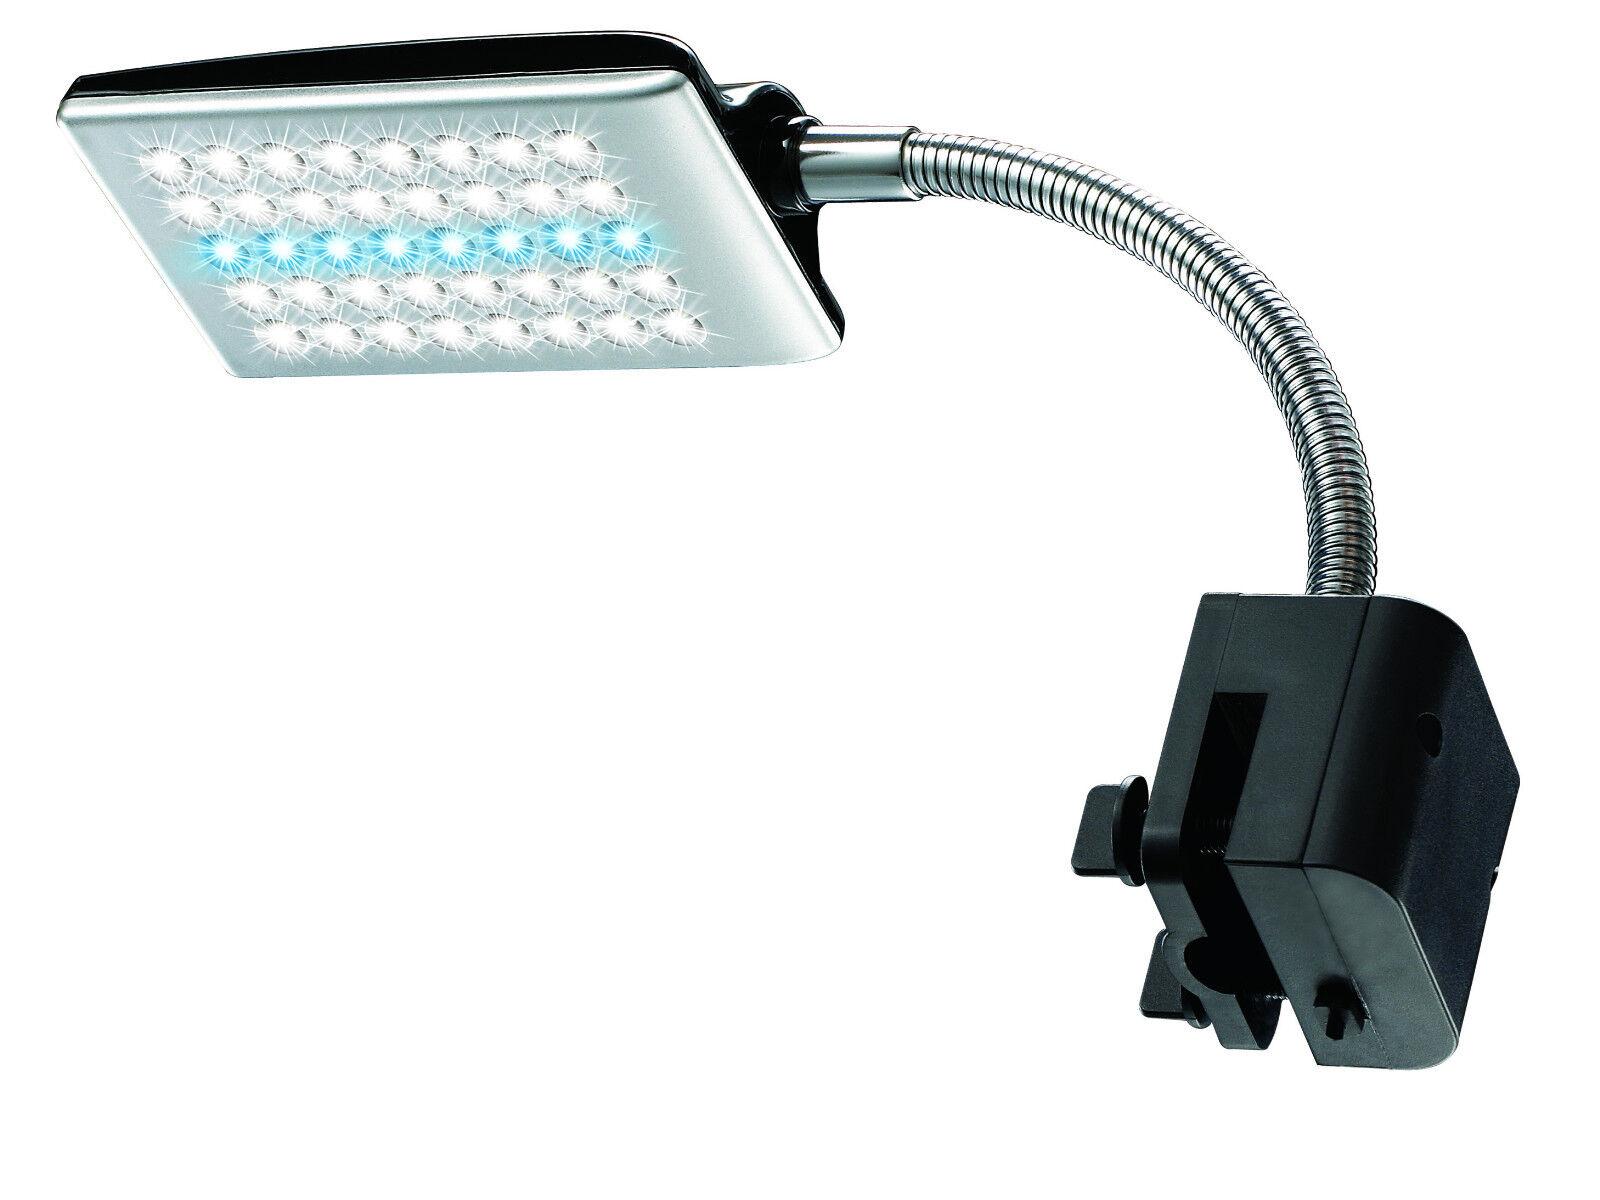 Aquarium Poisson 40 LED A Clipper sur Lampe Puisard avec 2 Modes et Souple Bras